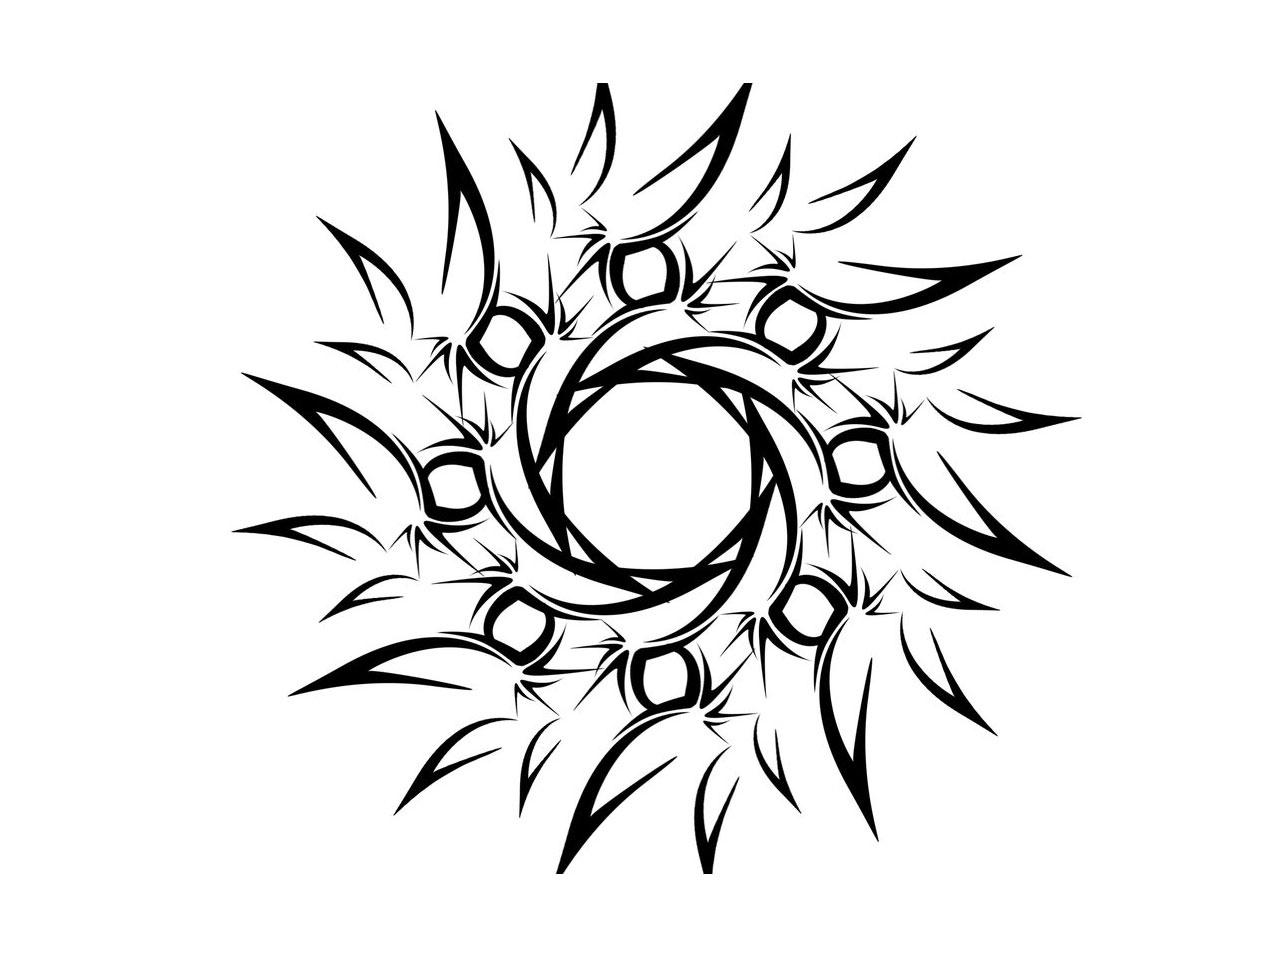 Free Free Tattoo Flash Art To Print, Download Free Clip Art, Free - Free Tattoo Stencils Printable